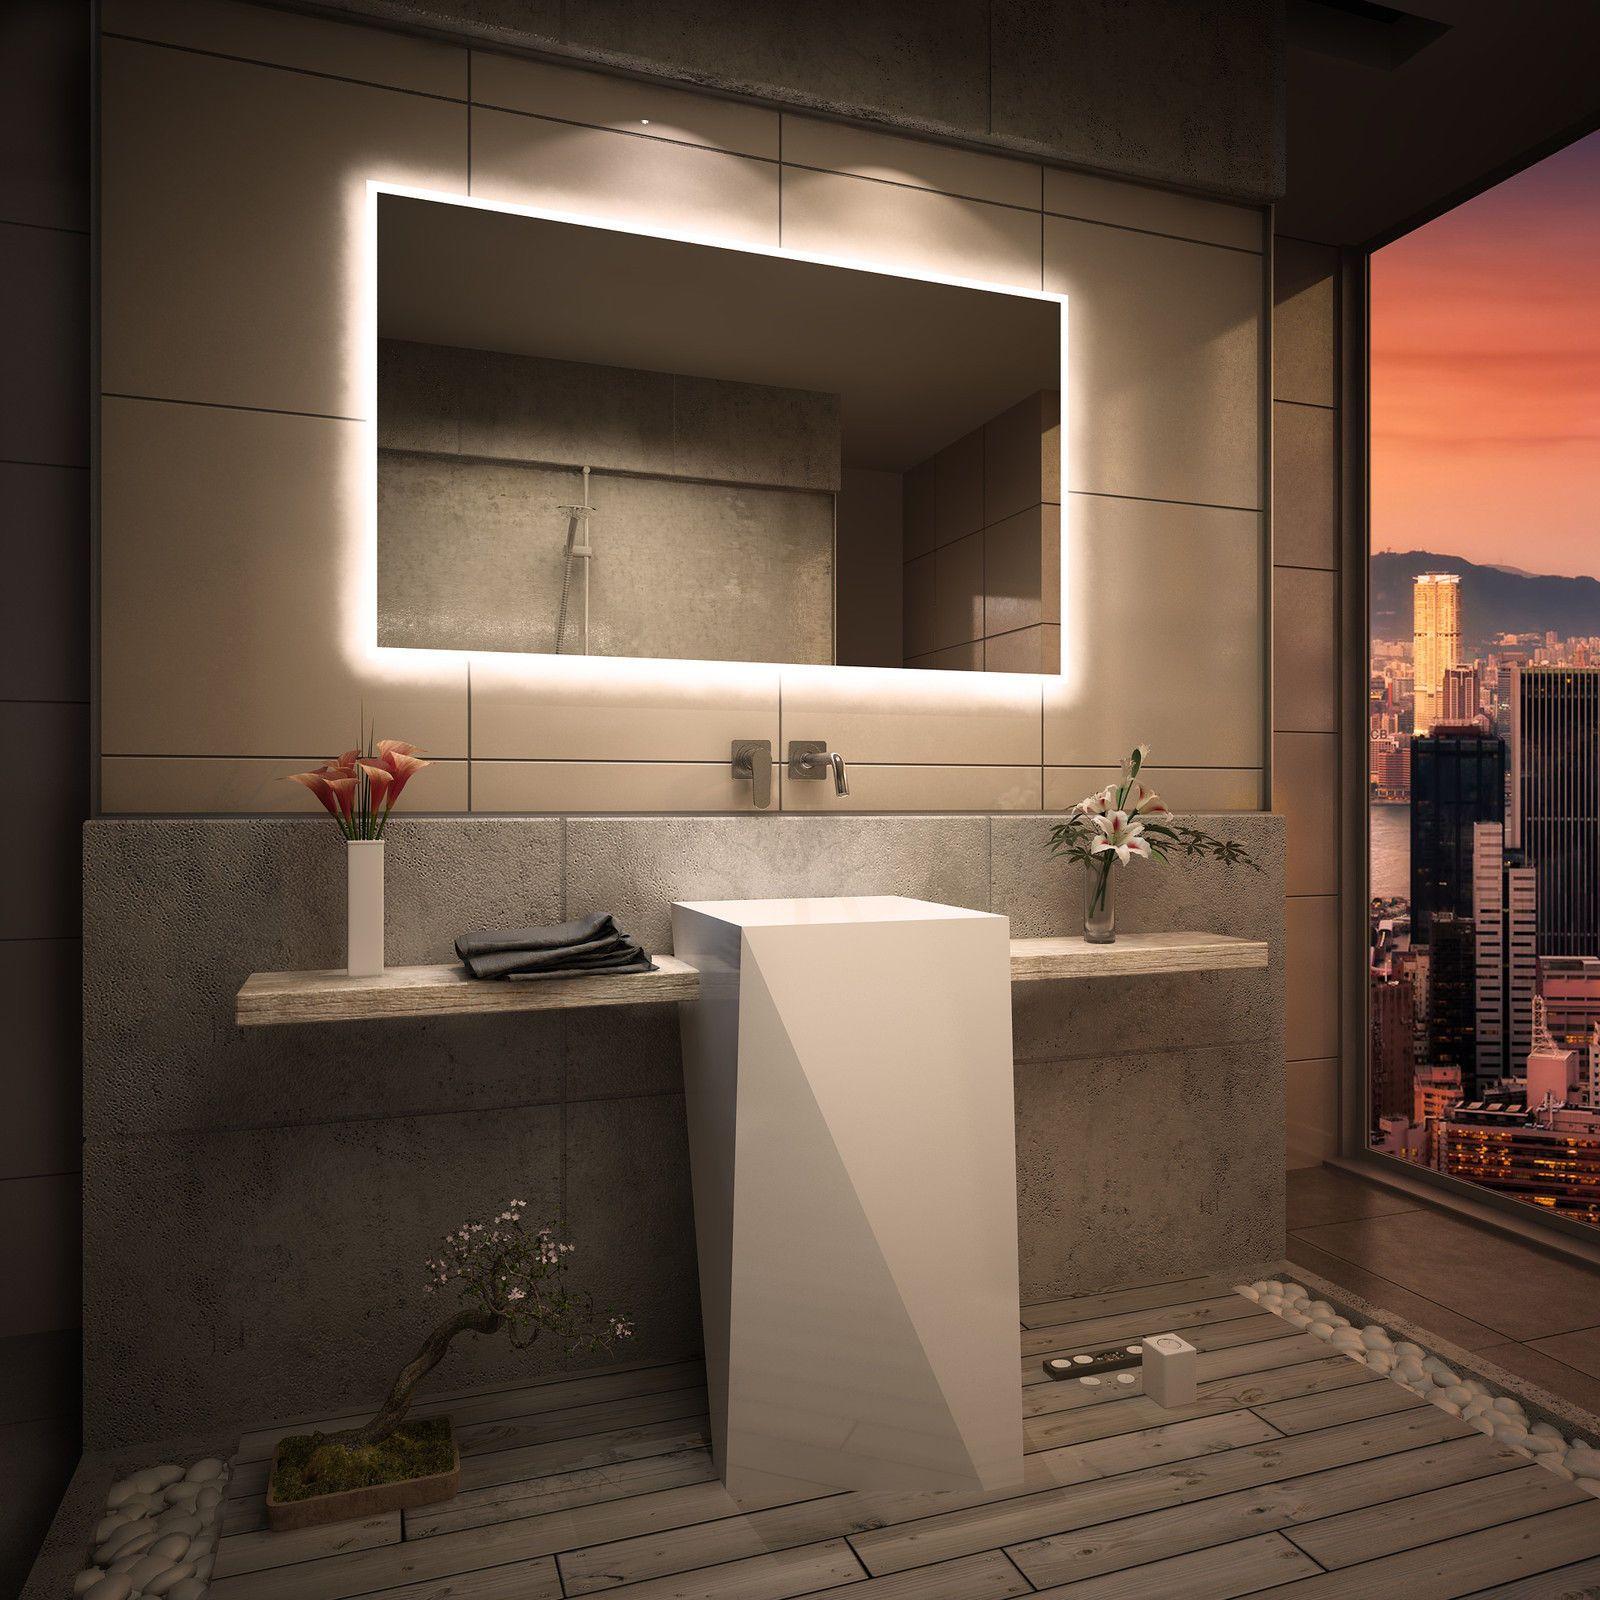 Badspiegel Mit Led Beleuchtung Badezimmerspiegel Lichtspiegel Nach Mass Ikea Mirror Backlit Mirror Lighted Bathroom Mirror